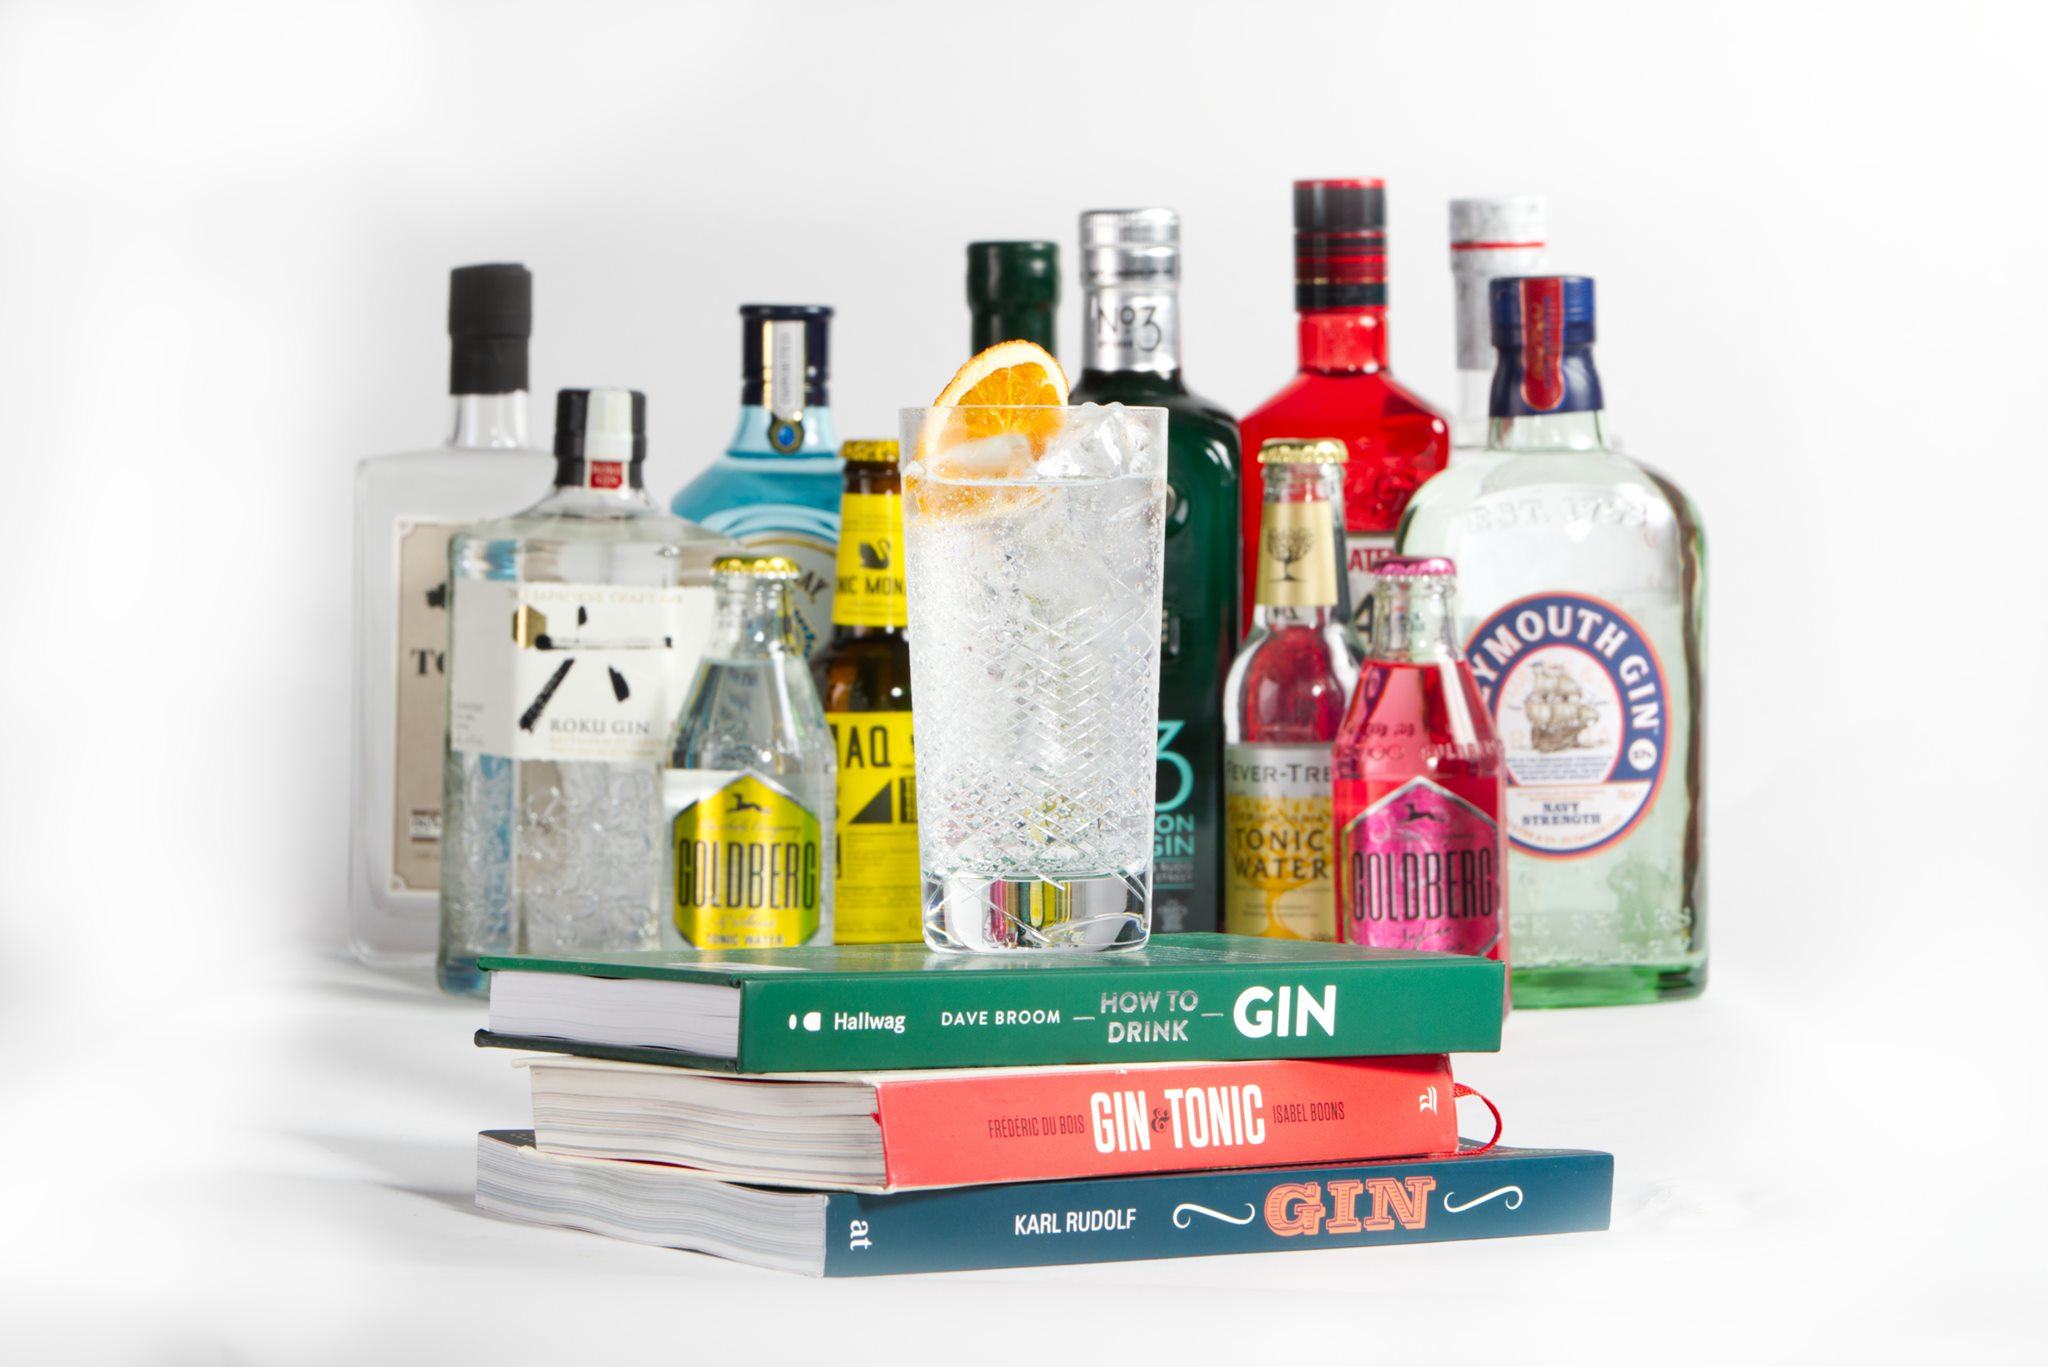 Vertieftes Wissen zu Cocktails und Spirituosen